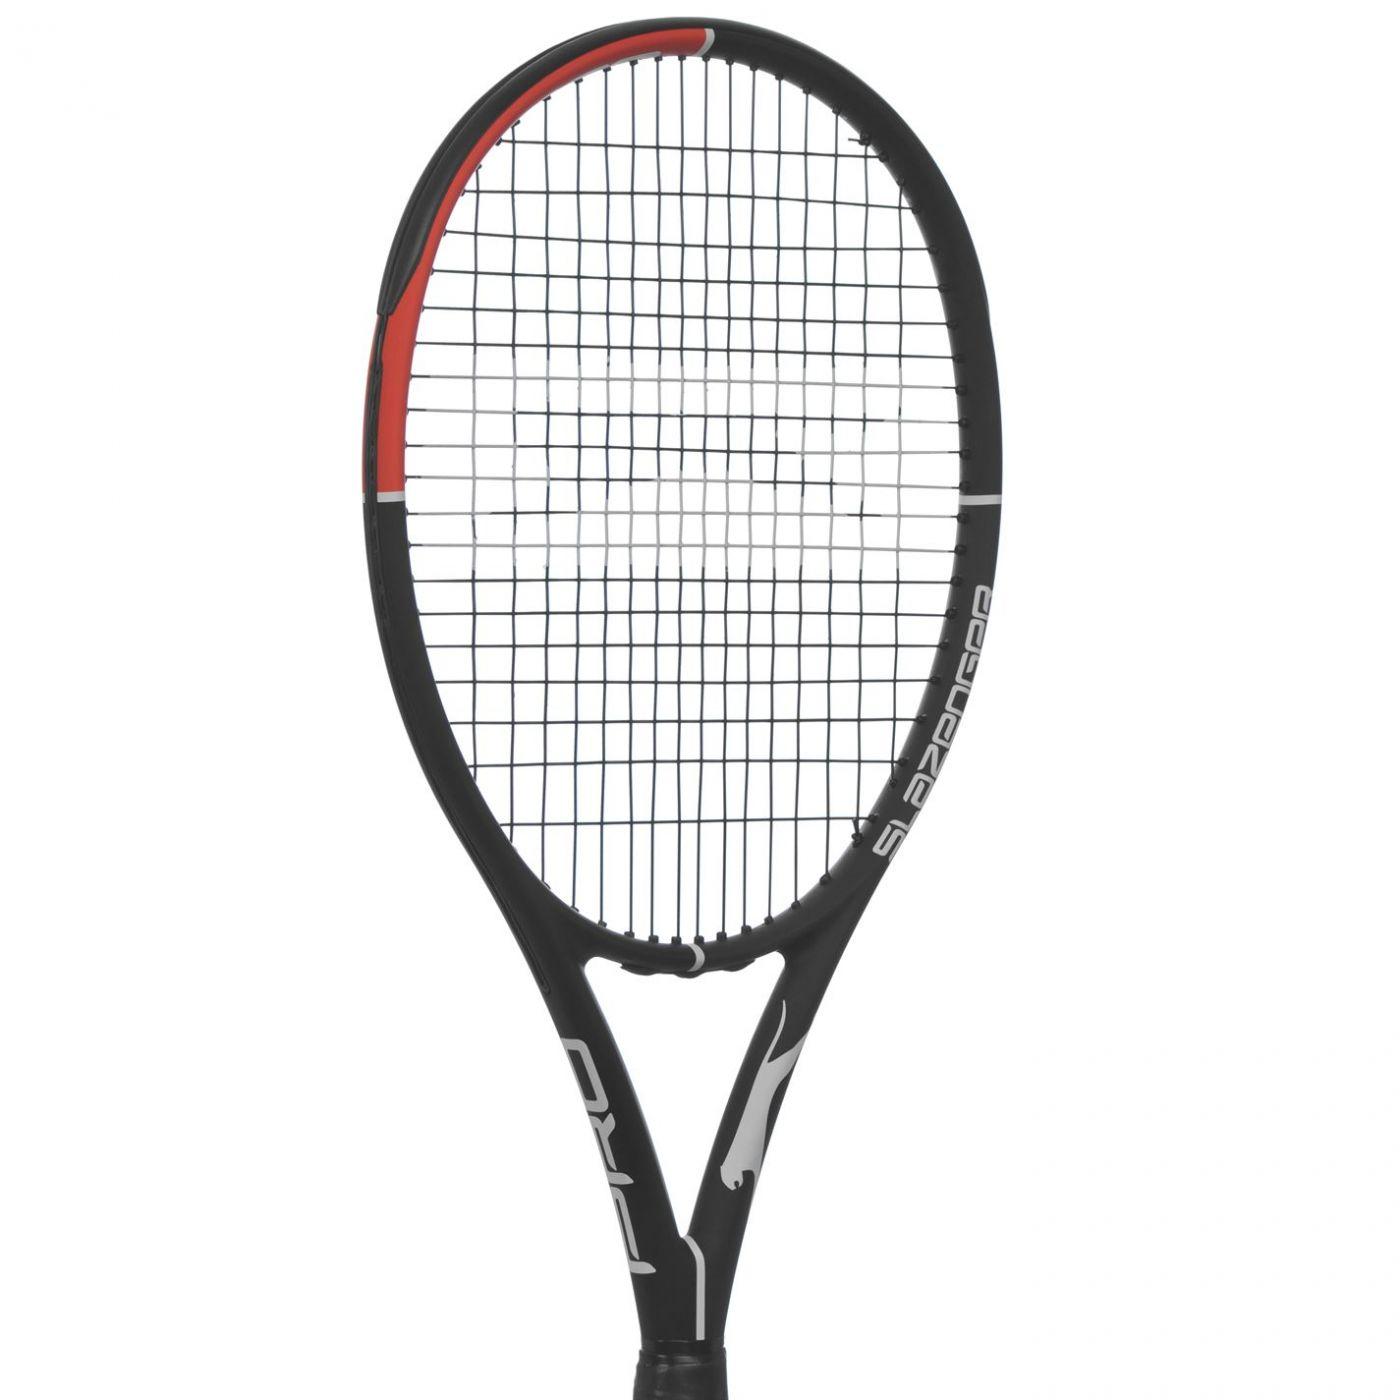 Slazenger Pro Tennis Racket